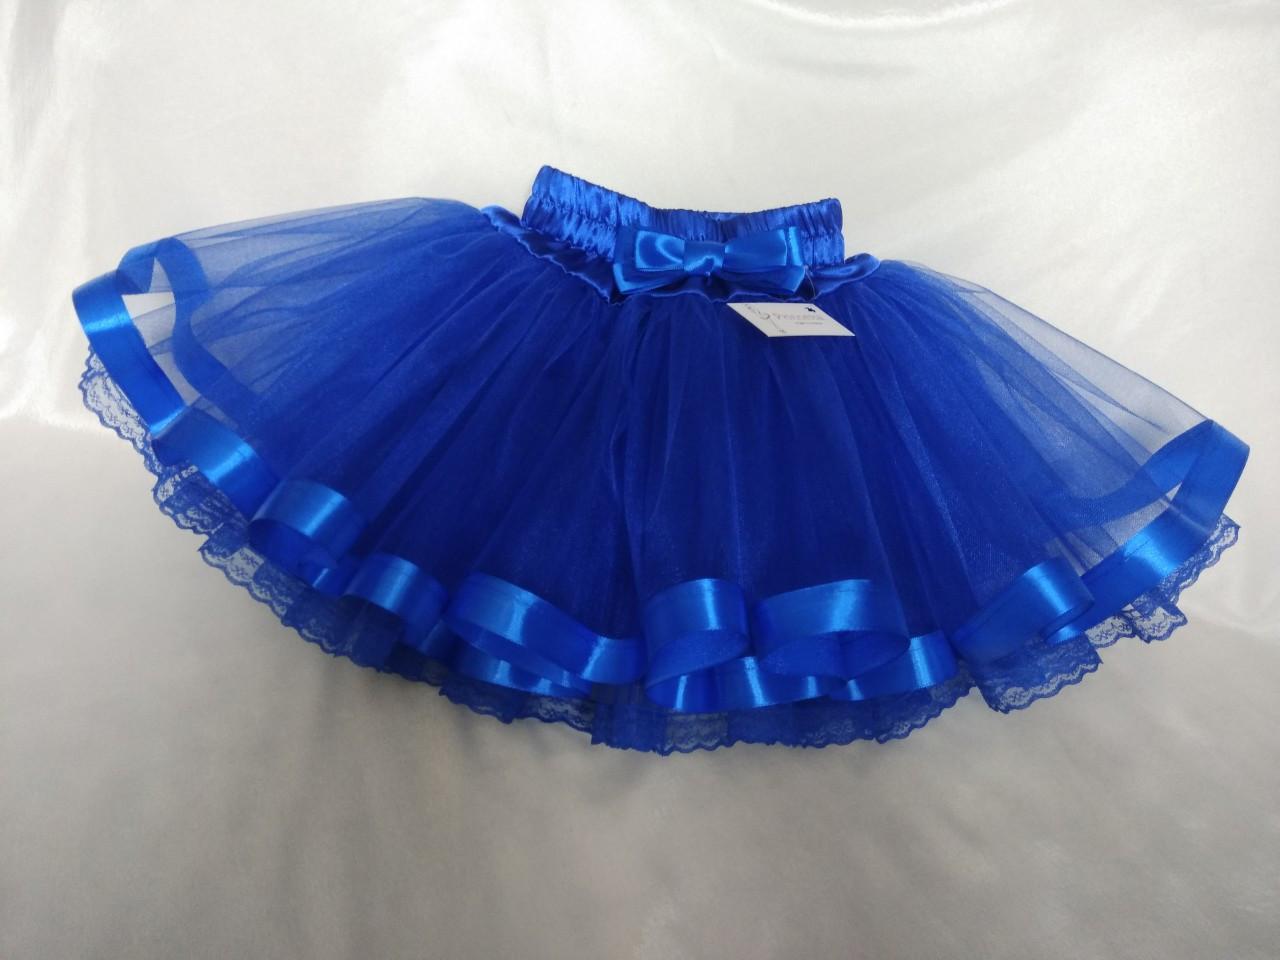 Юбочка детская фатиновая синяя на резинке, с подкладом, с лентой  и кружевом.